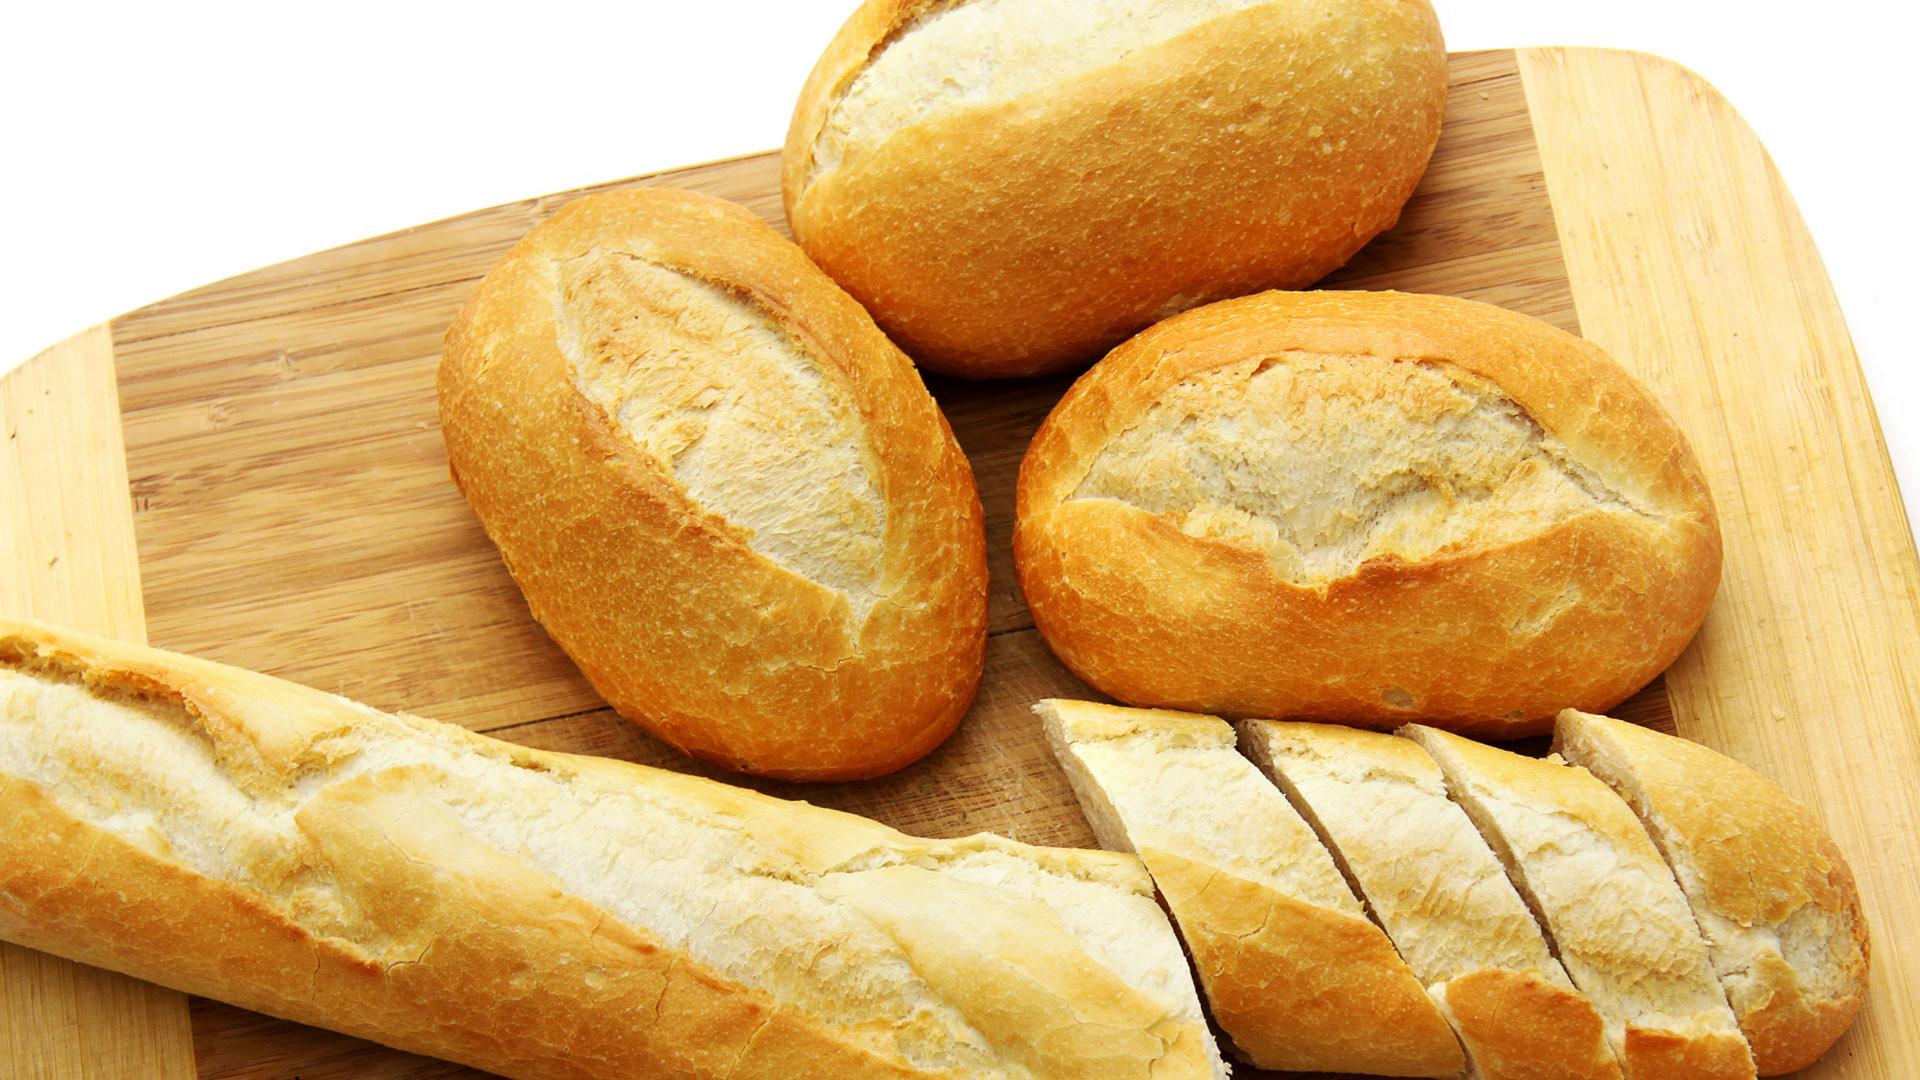 进口面包有多难吃?网友:跟臭袜子一样咬都咬不动,闻到就要晕倒